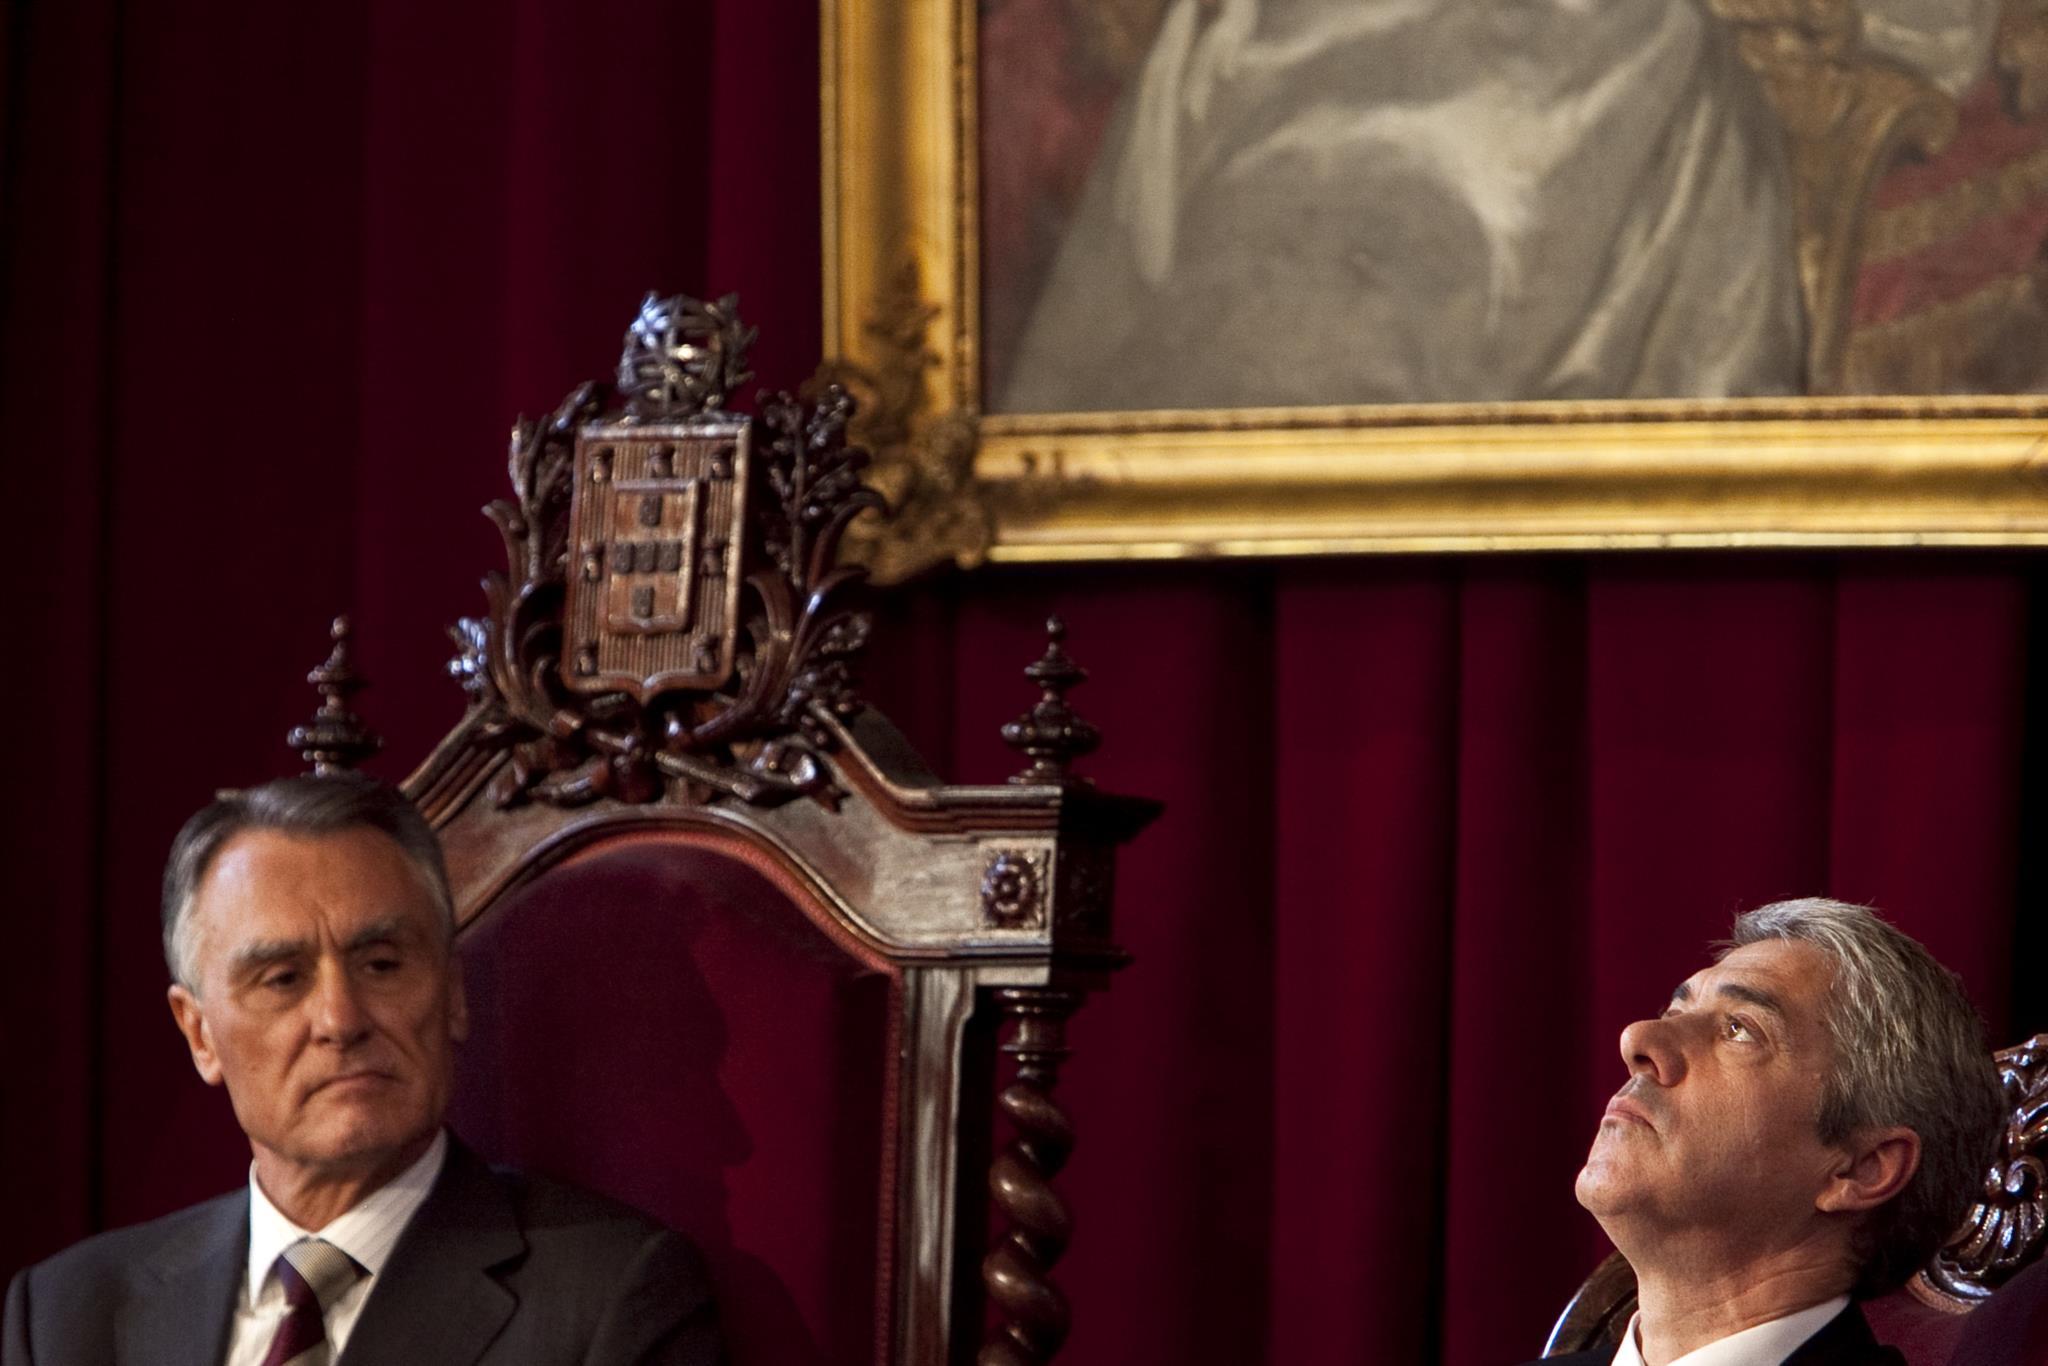 PÚBLICO - Cavaco diz que Sócrates interveio em negócio da Caixa